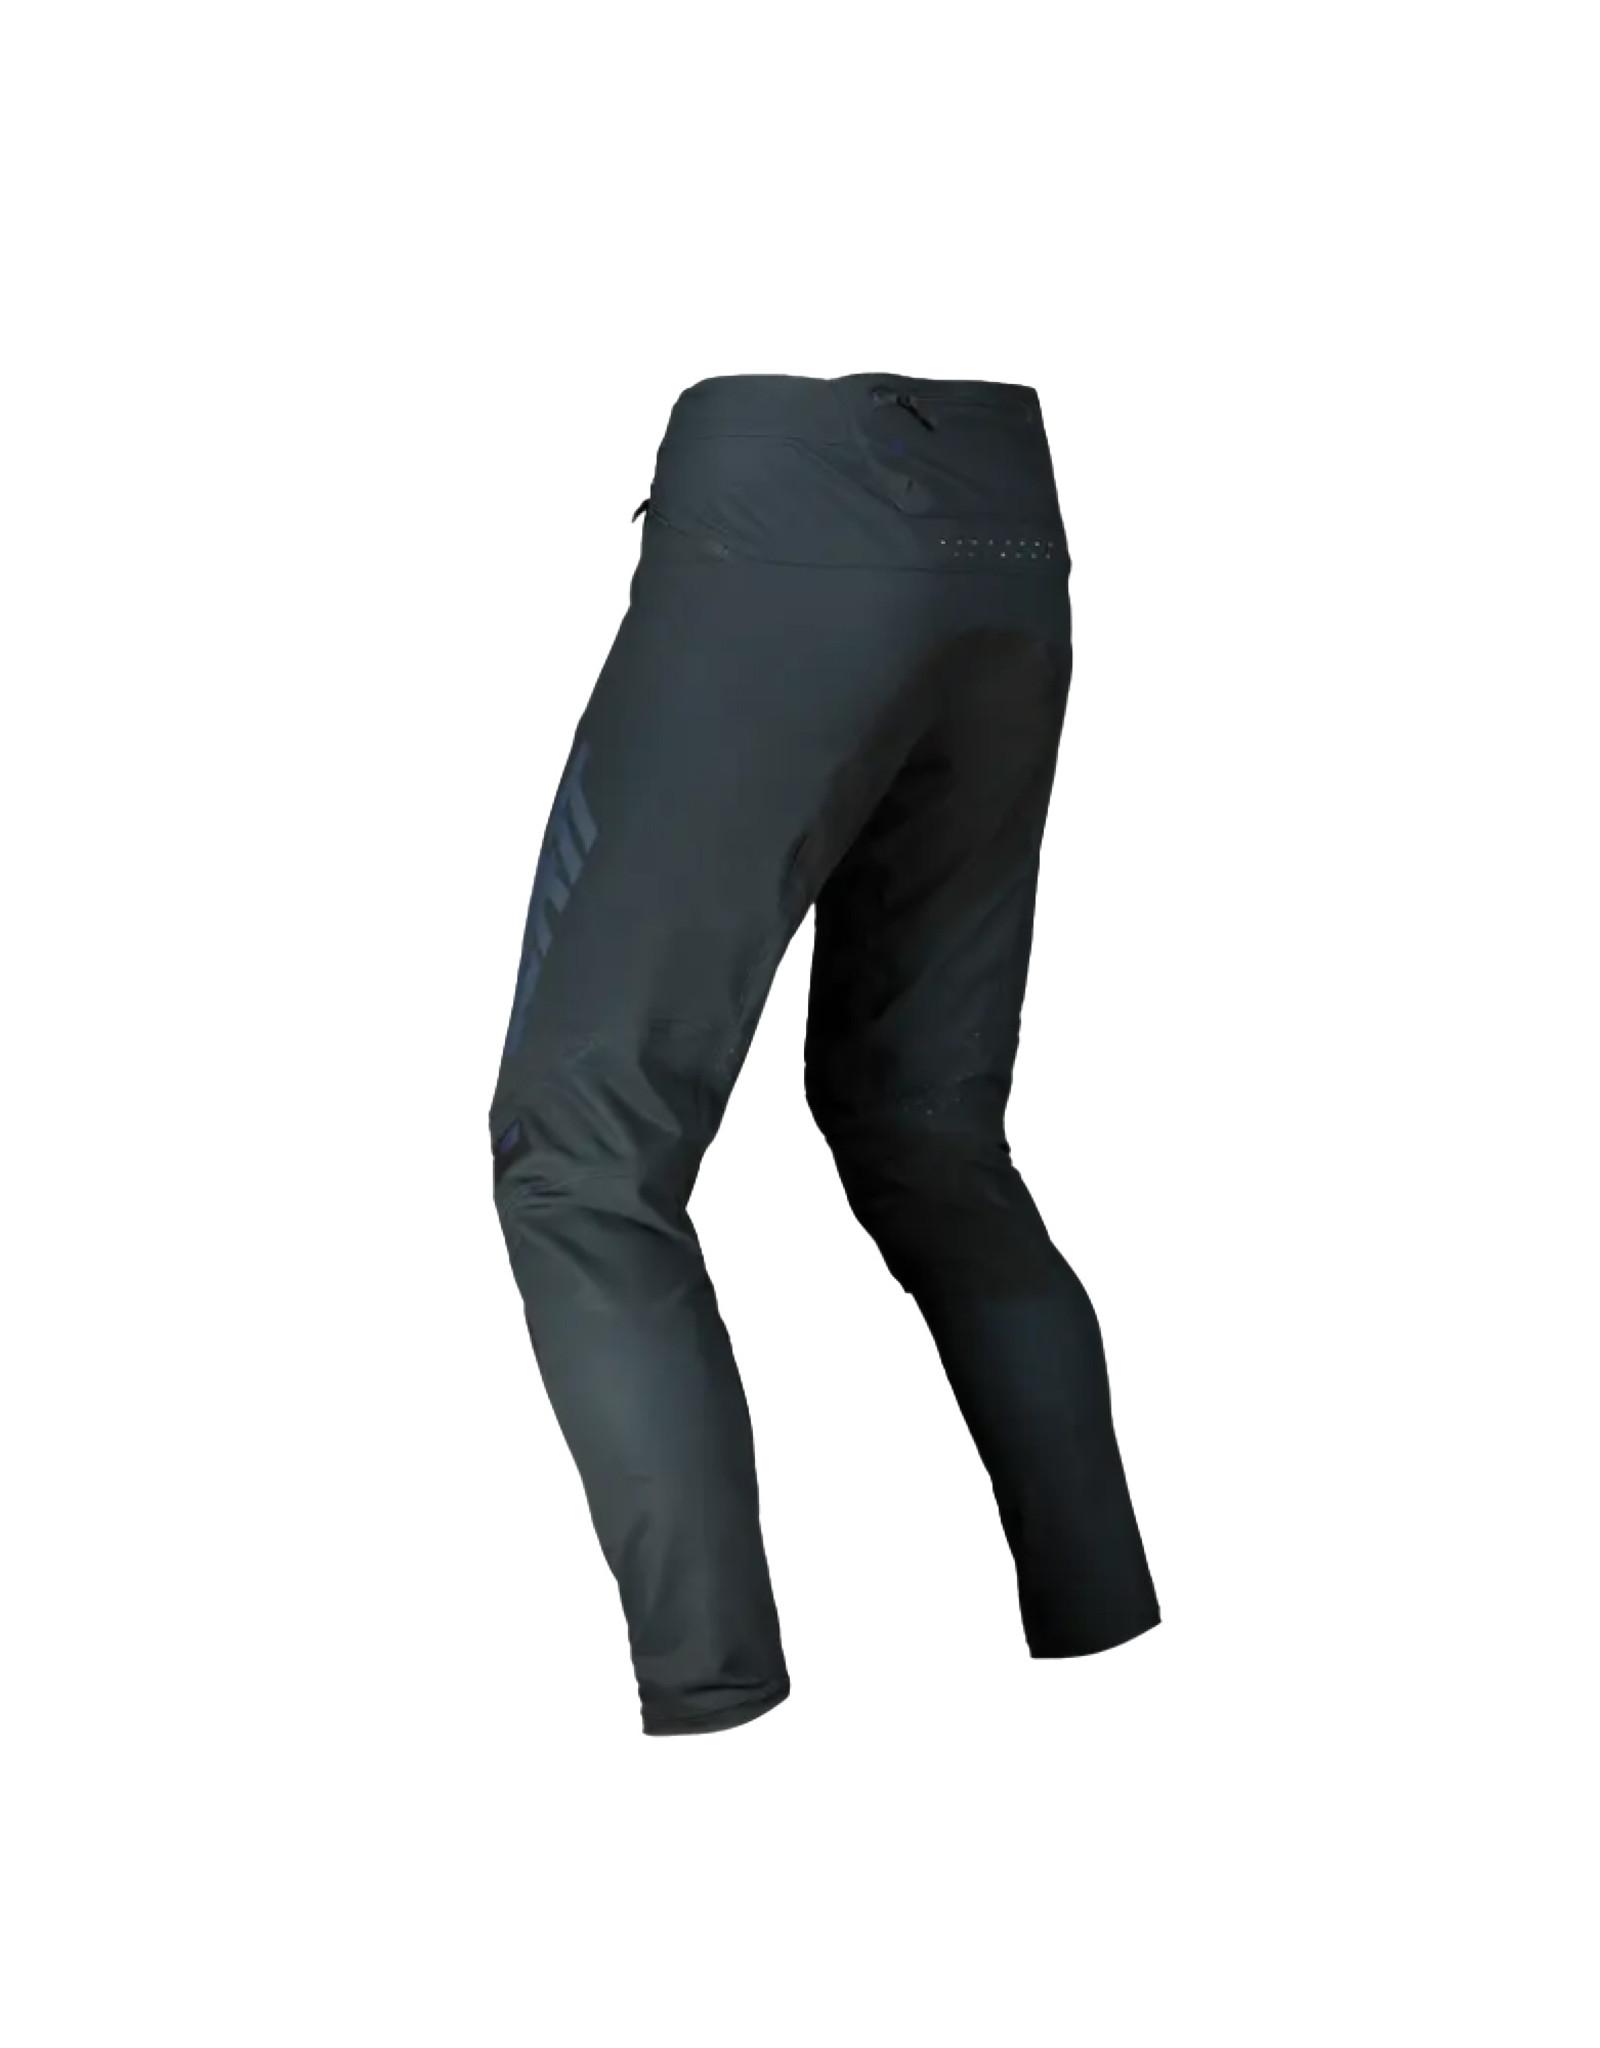 Leatt Pantalons Leatt MTB 4.0